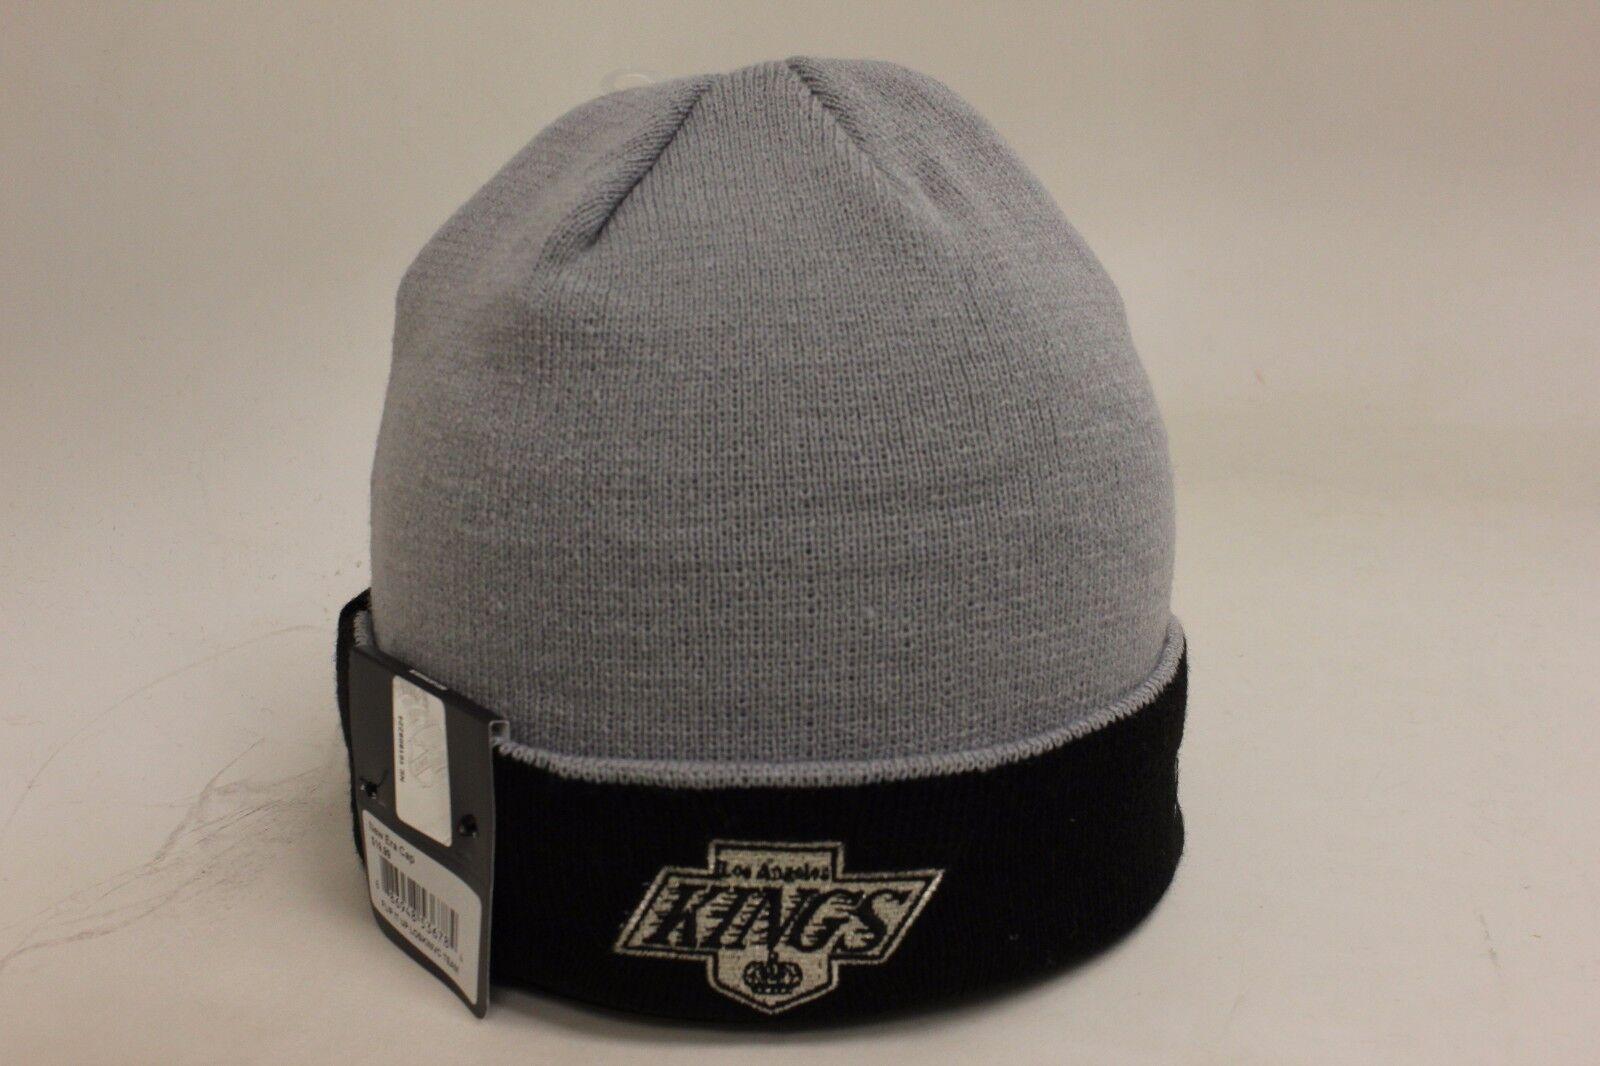 LA Los Angeles Kings Flip It Up Skully Grey Black New Era Skully Up 740c1d